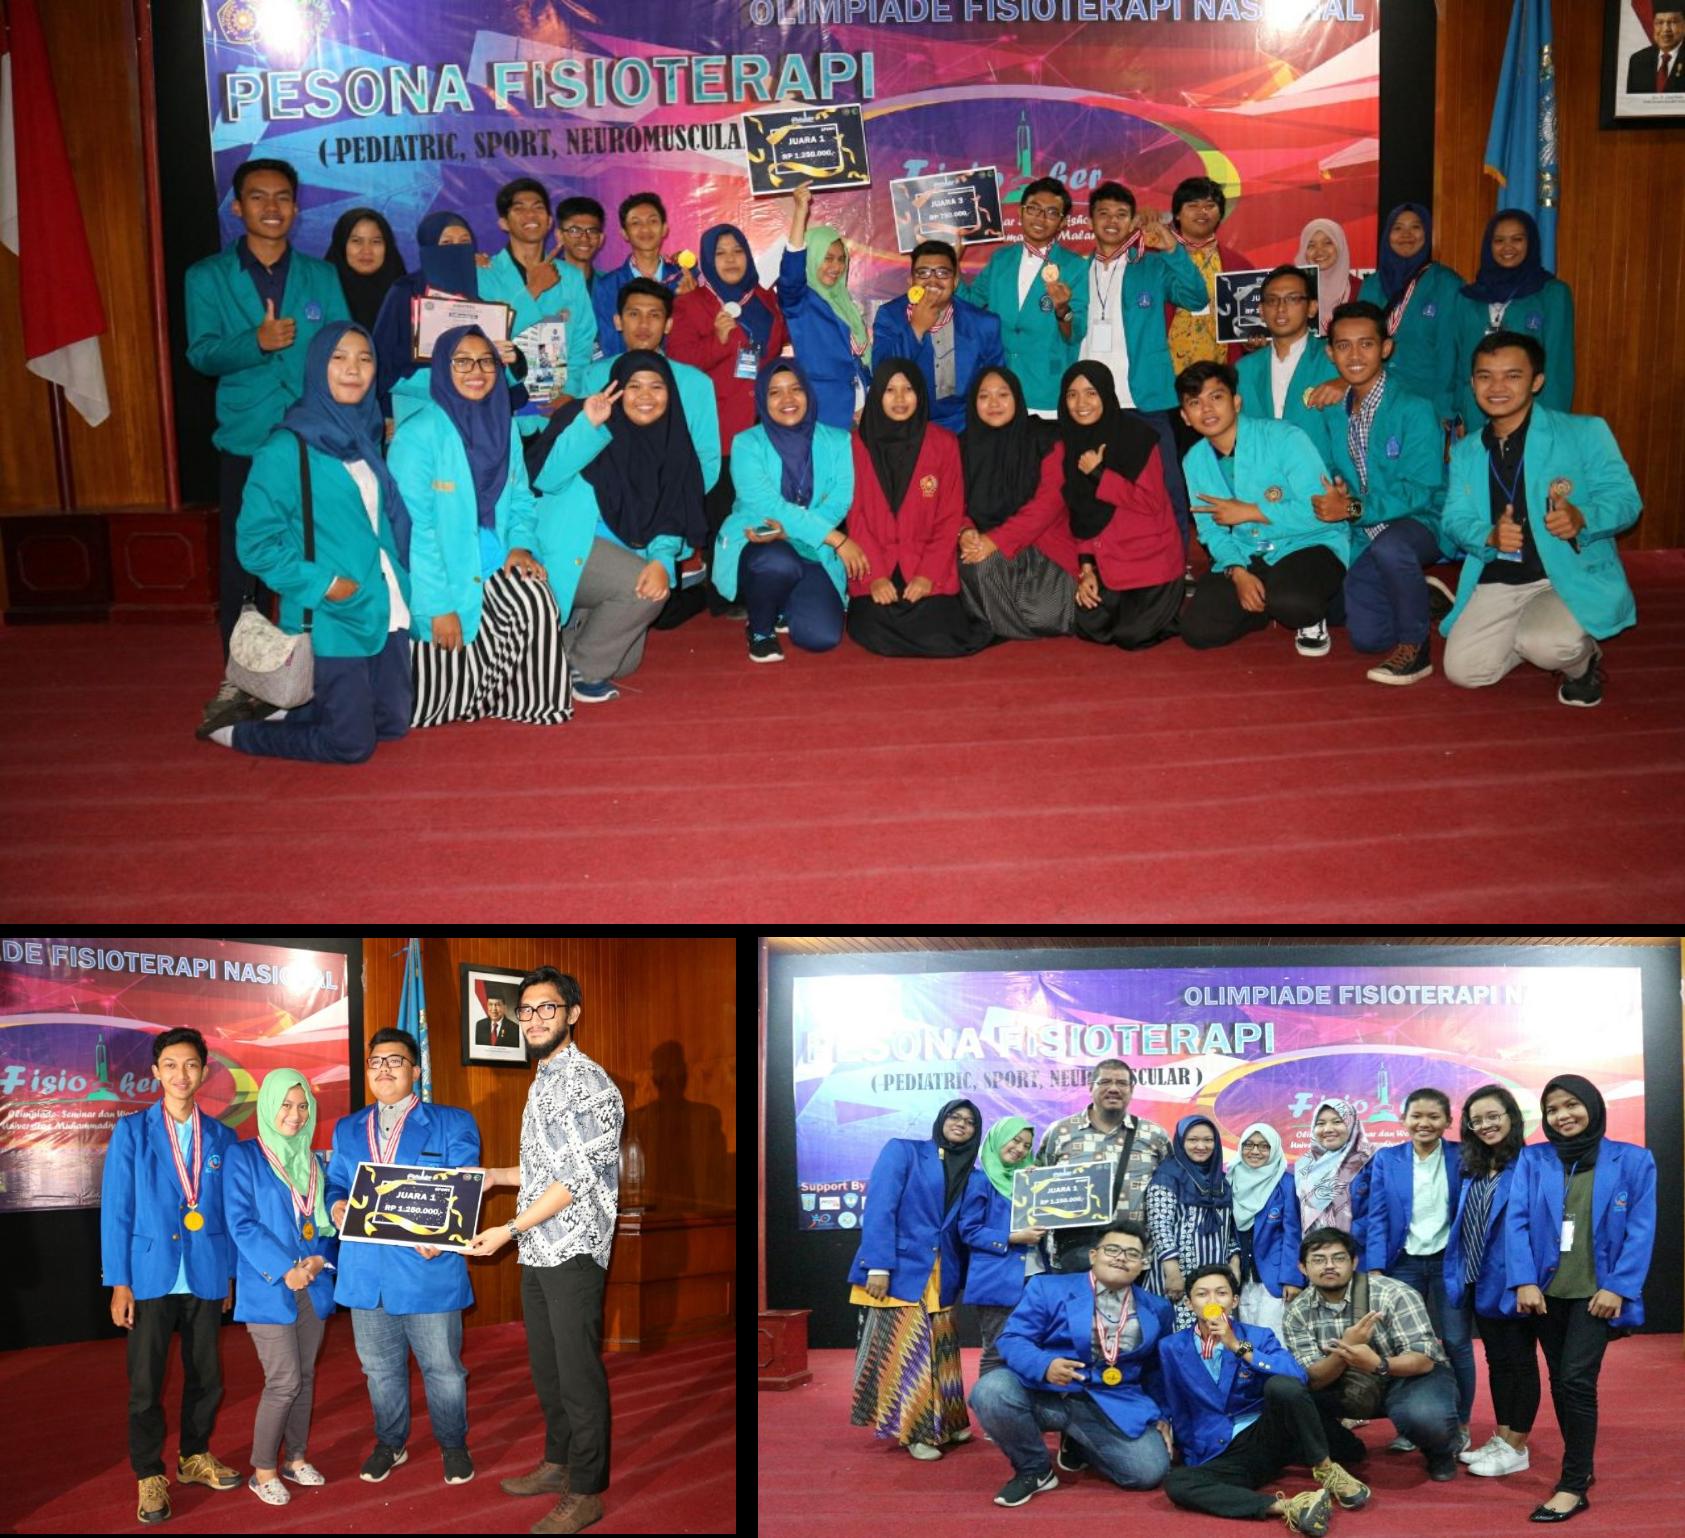 Foto Bersama saat Kejuaraan Fisioterapi Indonesia di Malang